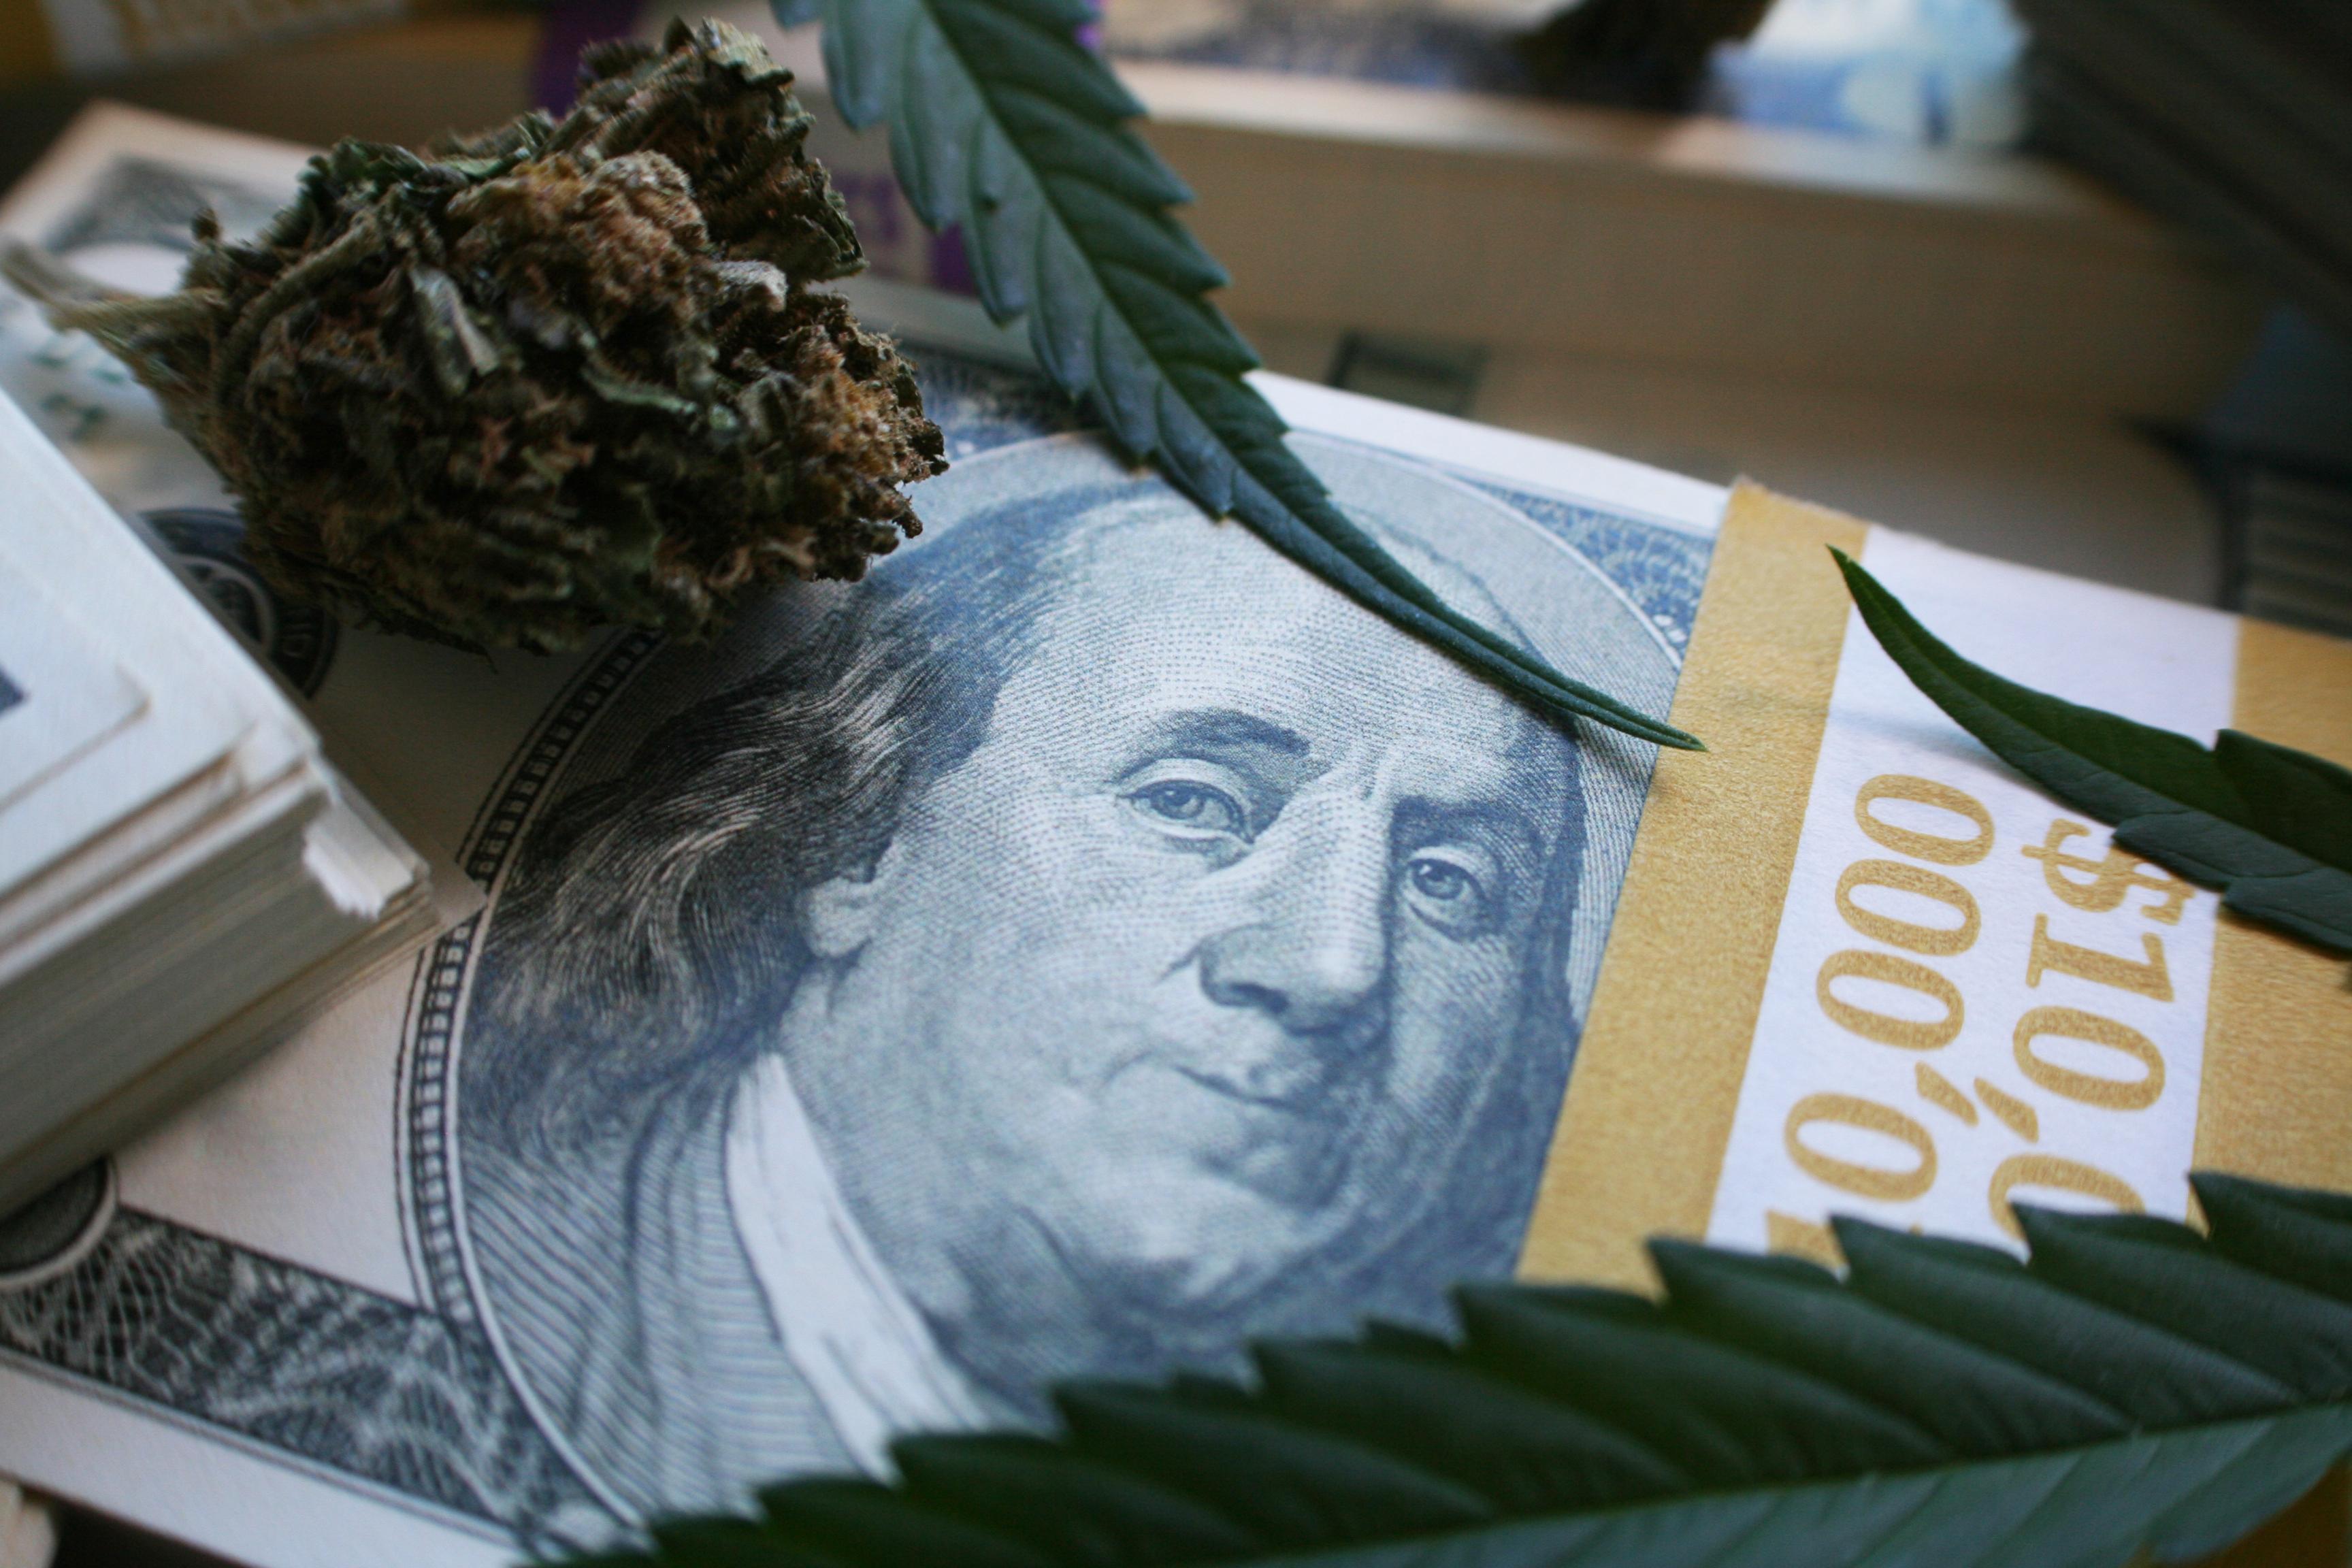 Marijuana and money.